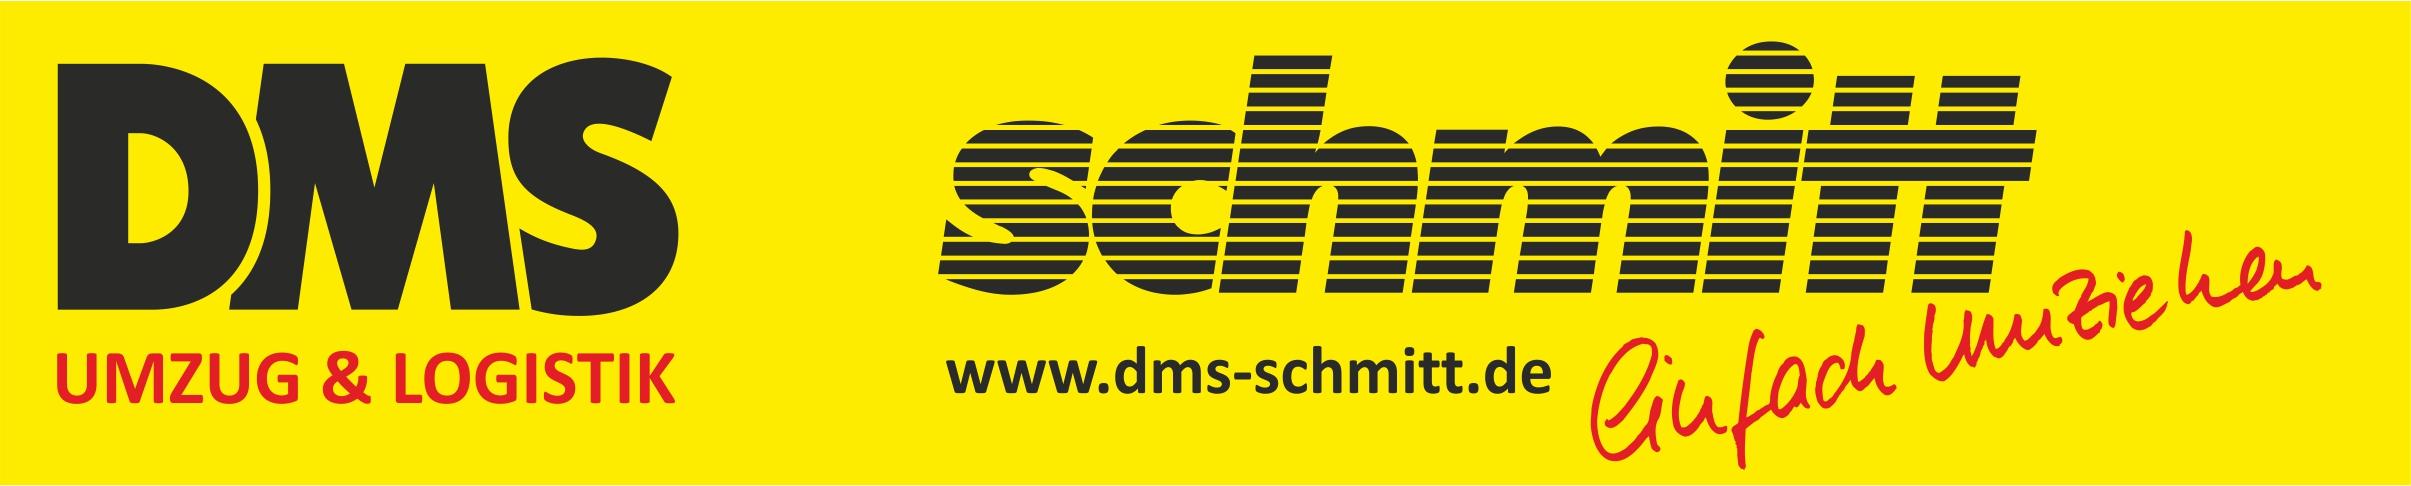 Schmitt international